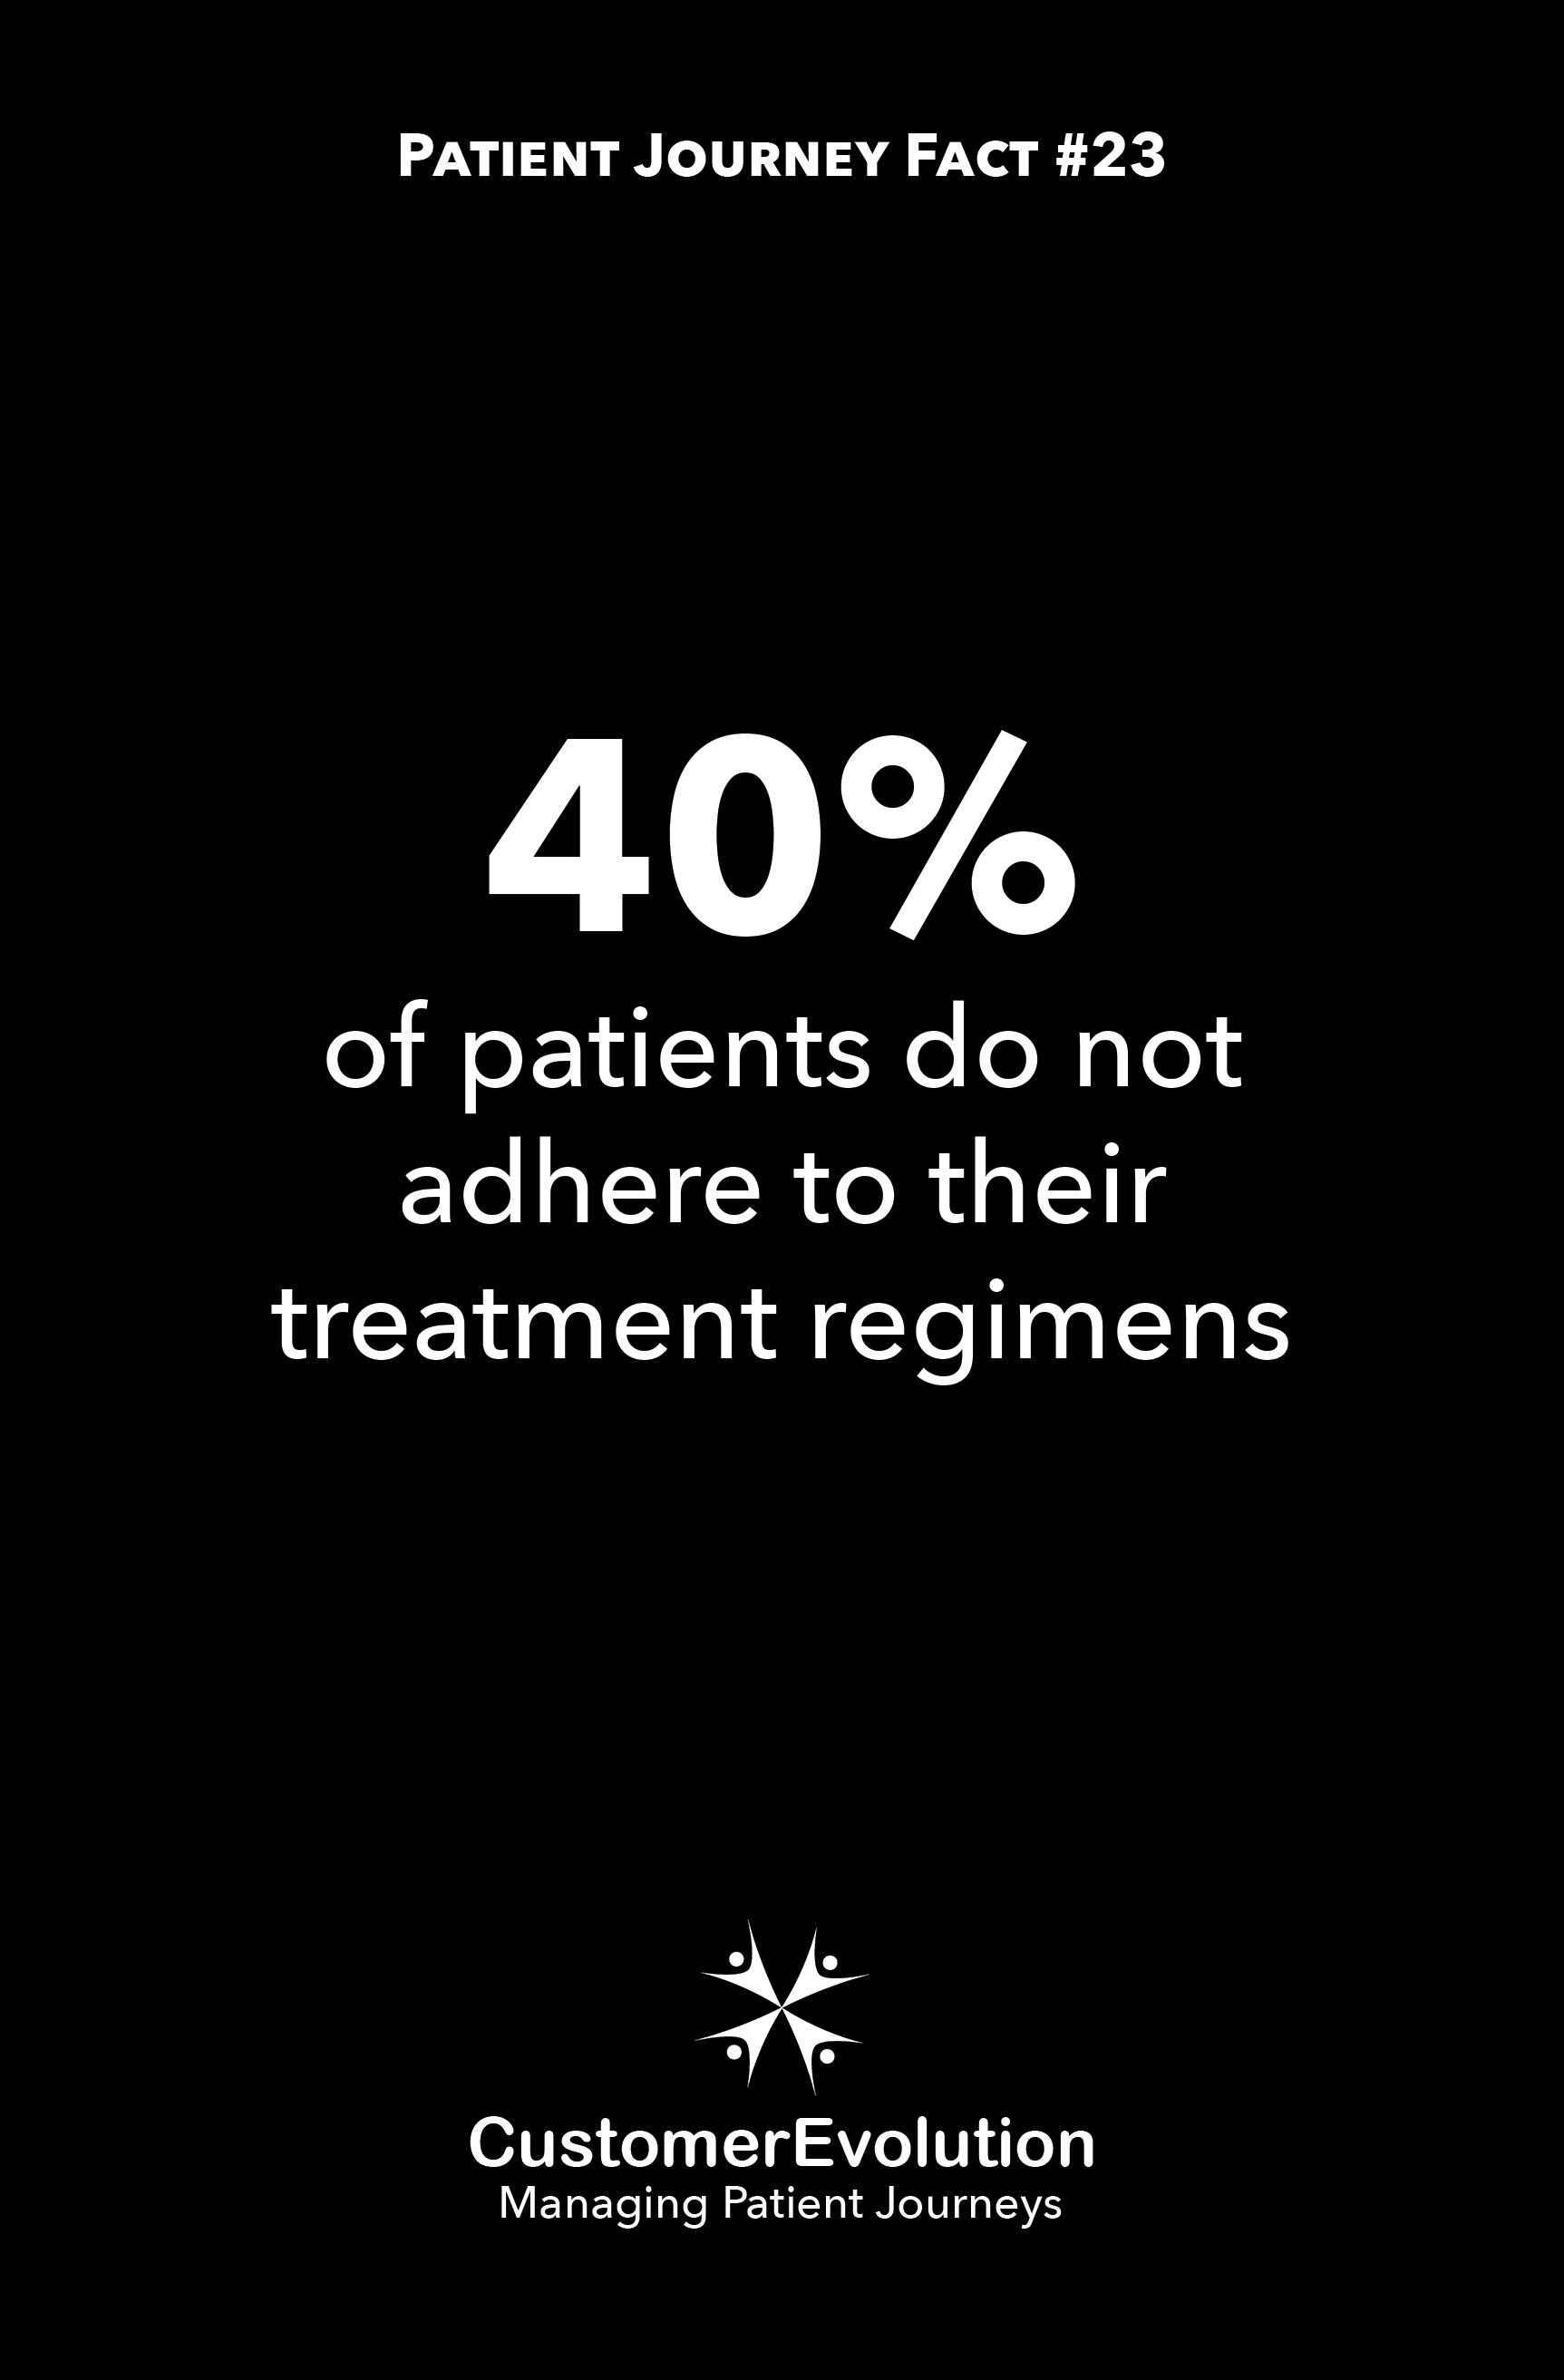 Patient Journey Fact #23